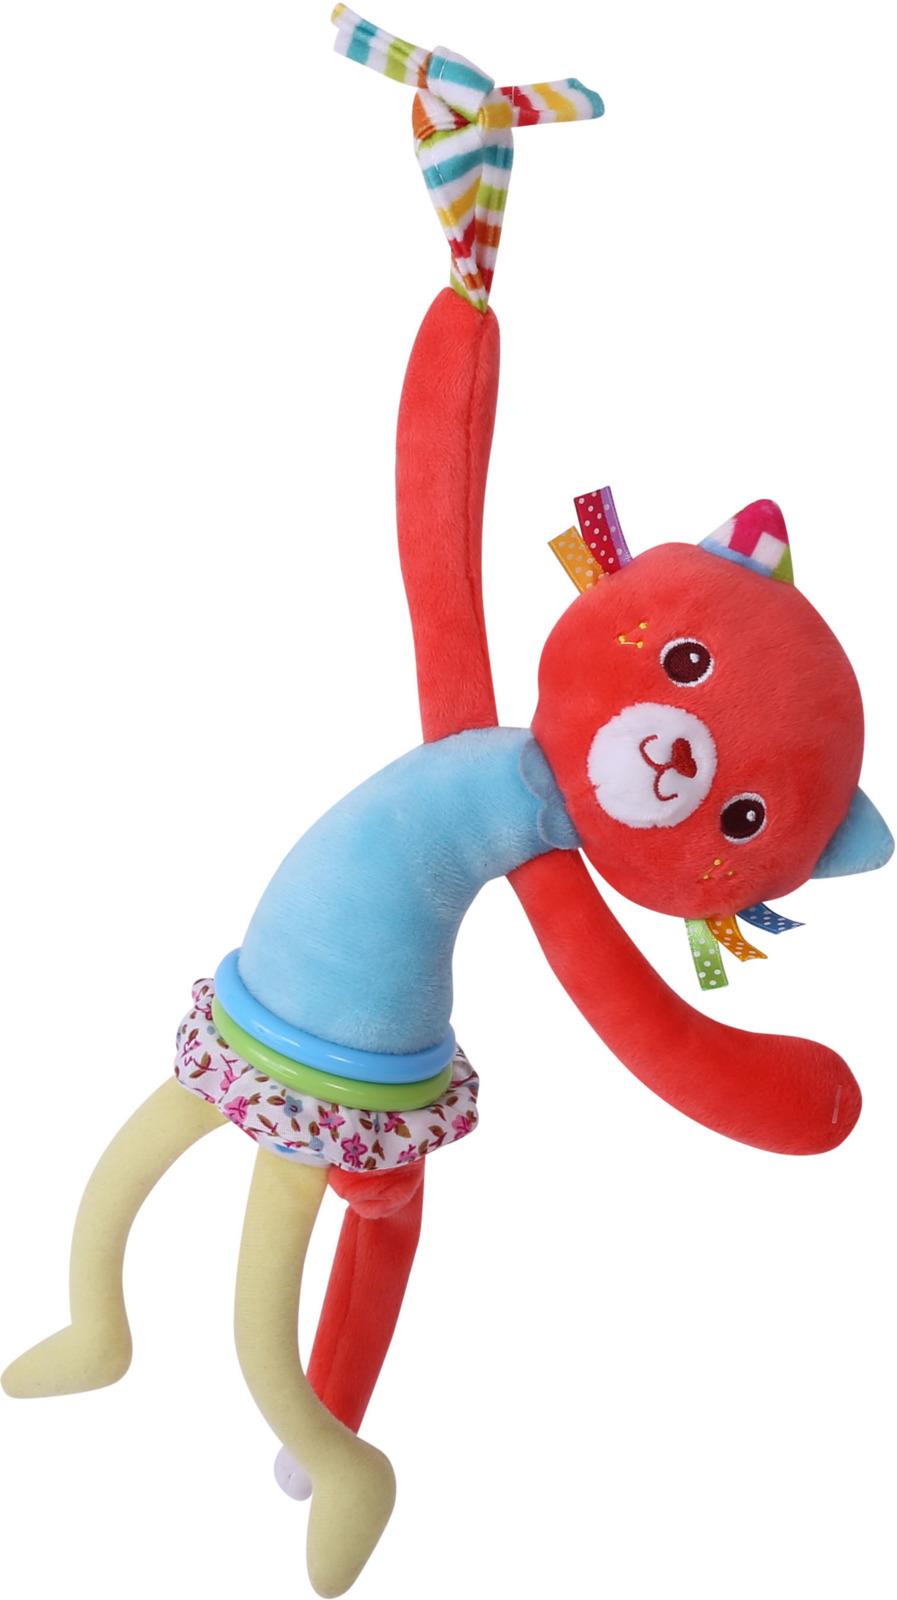 Развивающая игрушка с вибрацией Lorelli Toys Котик. 10191200004 развивающая игрушка lorelli toys обними меня мартышка 10191260001